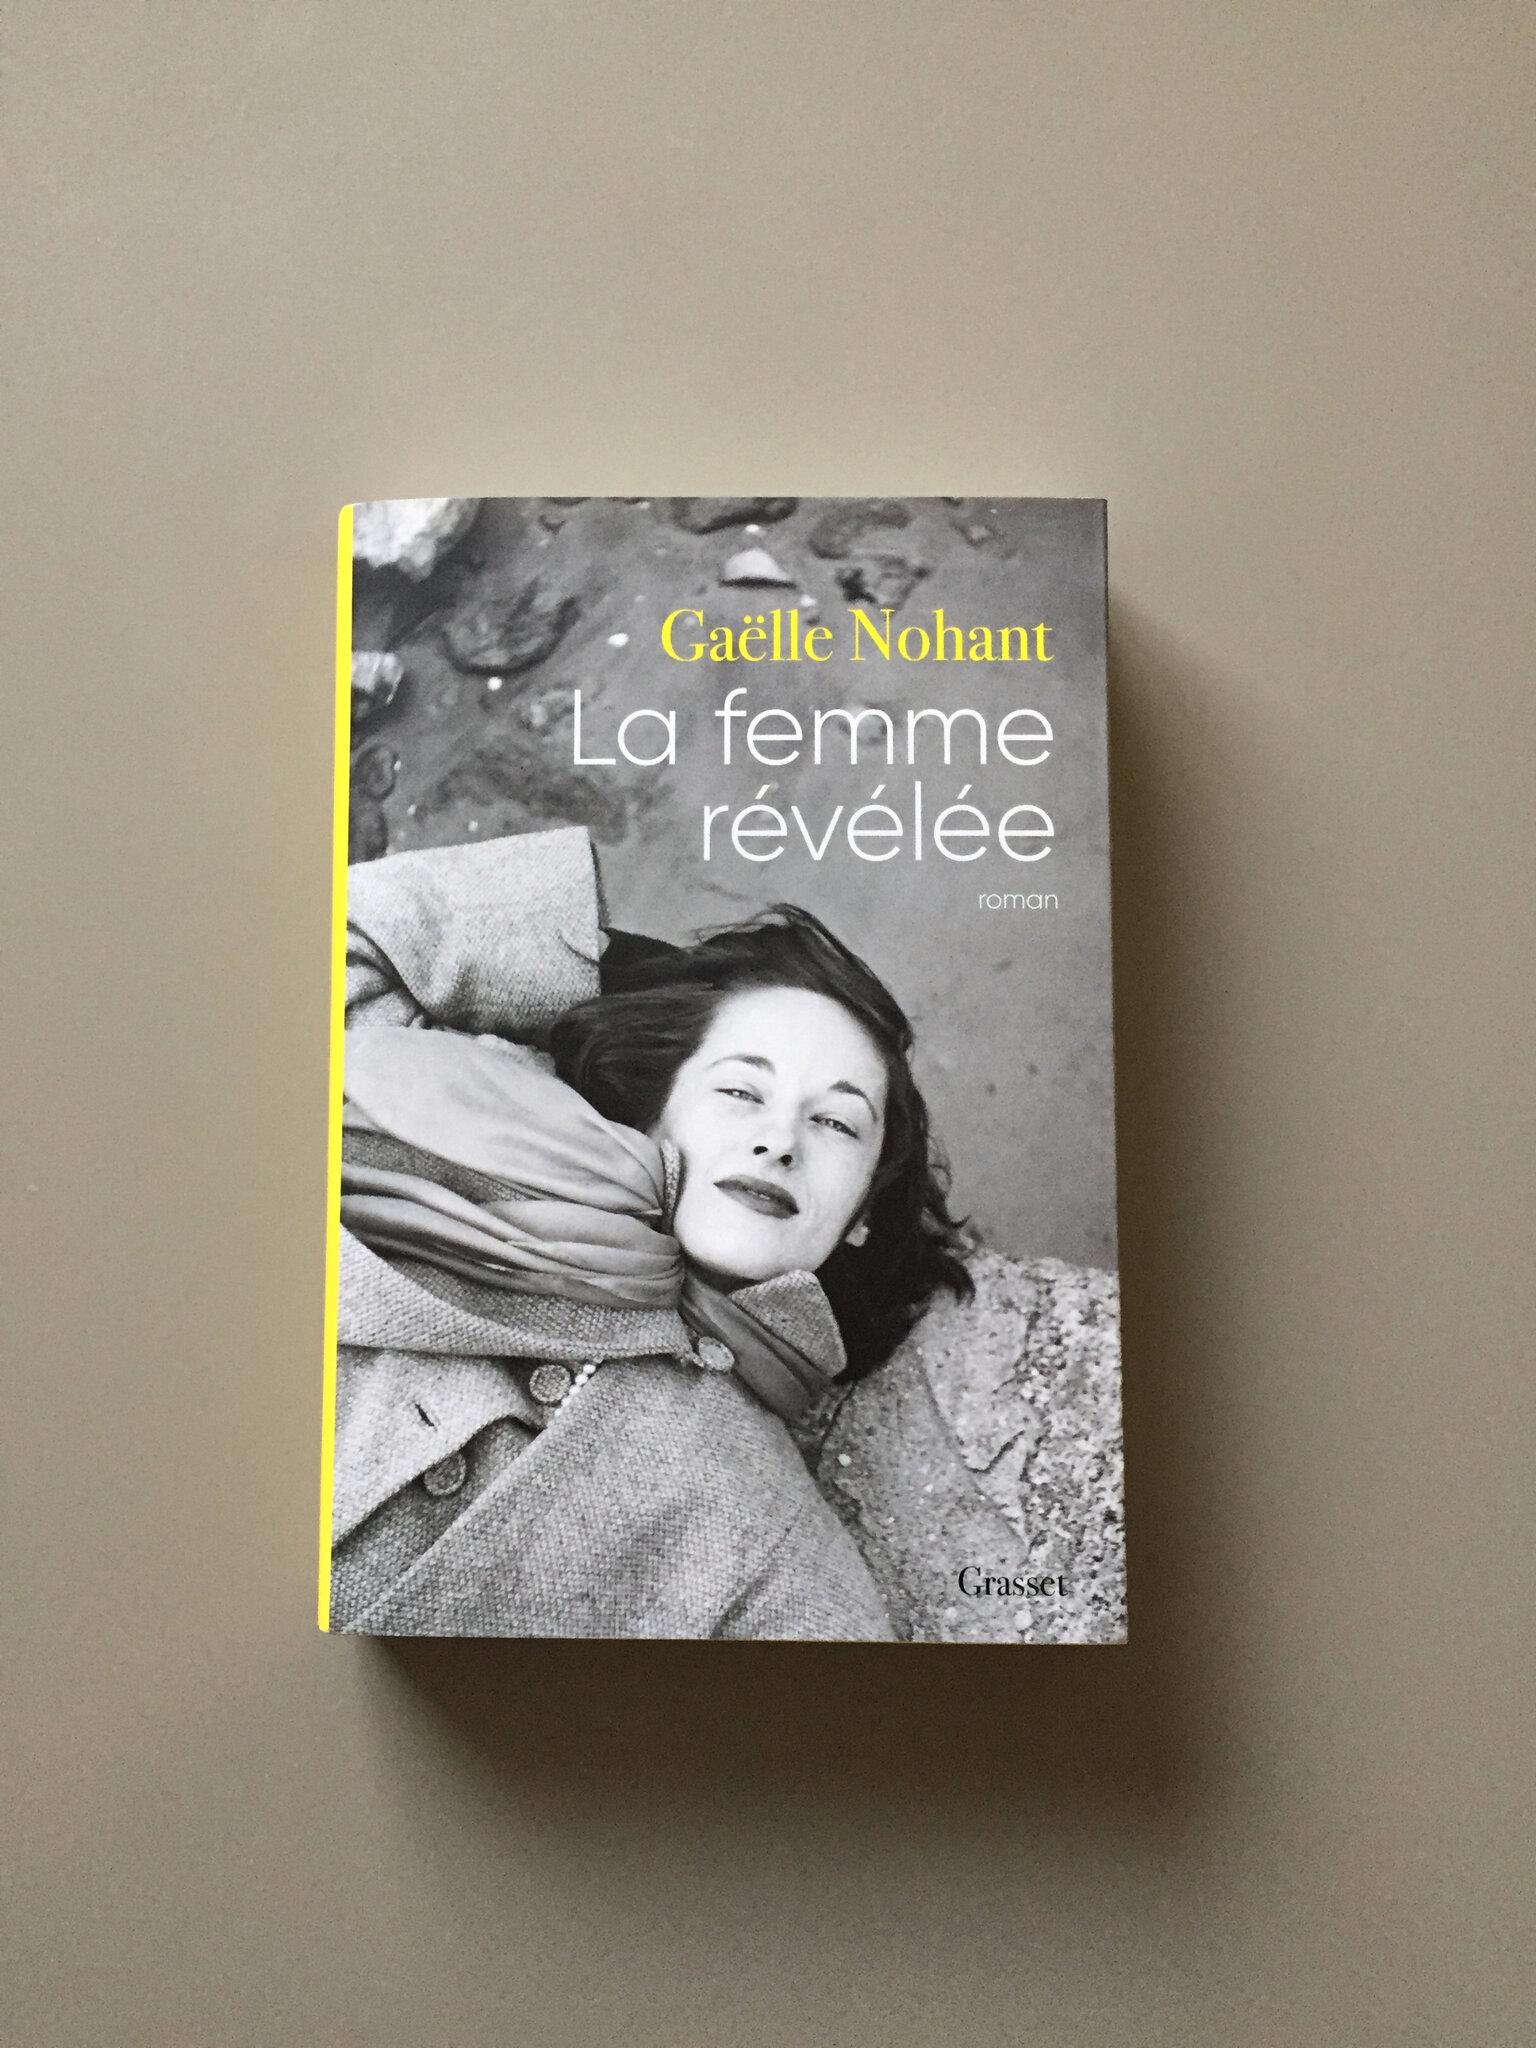 « La femme révélée » de Gaëlle Nohant